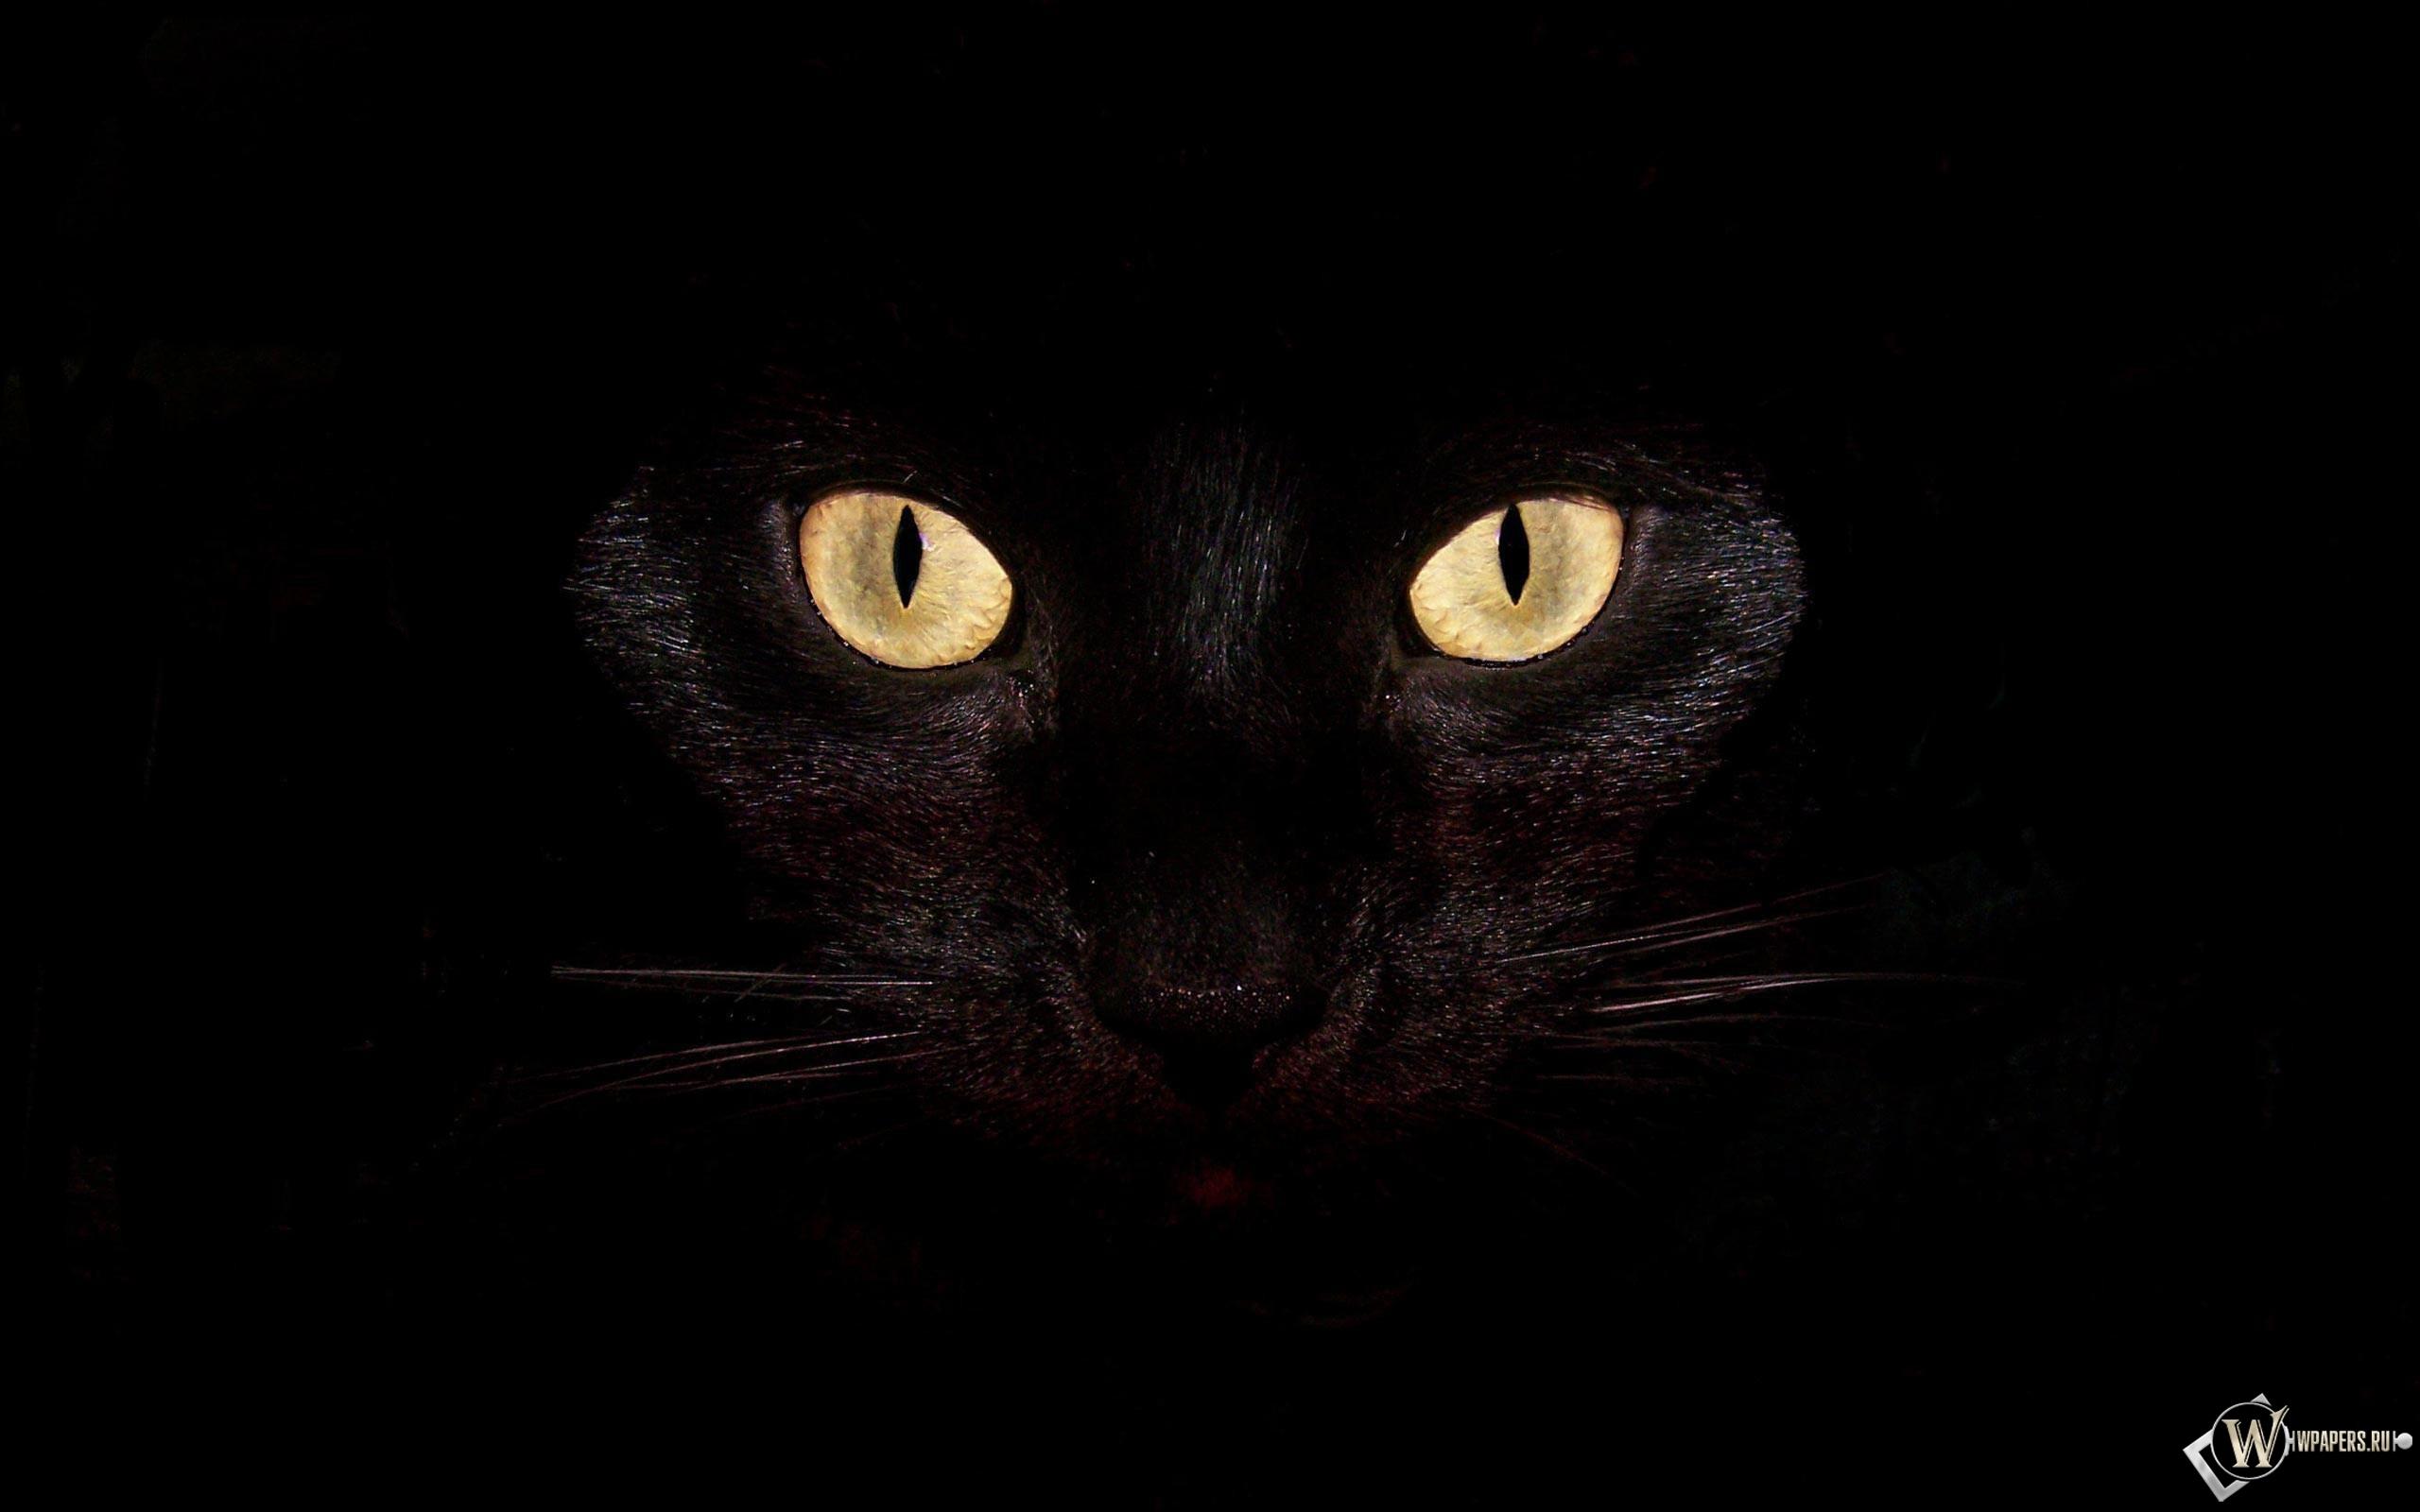 Черная кошка на чернофм фоне 2560x1600